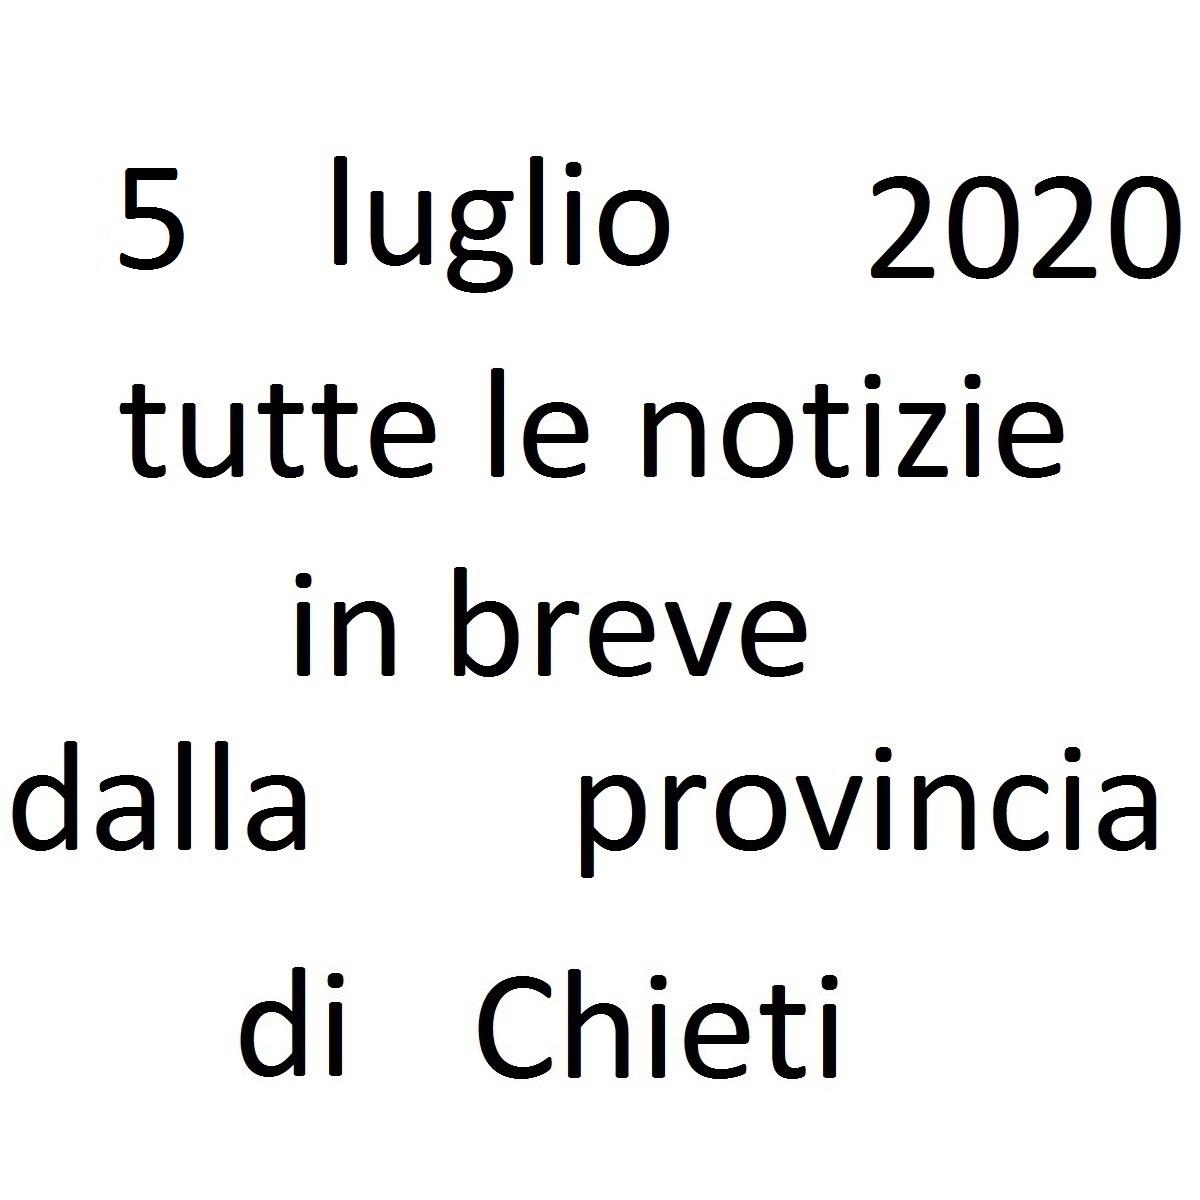 5 luglio 2020 notizie in breve dalla Provincia di Chieti foto